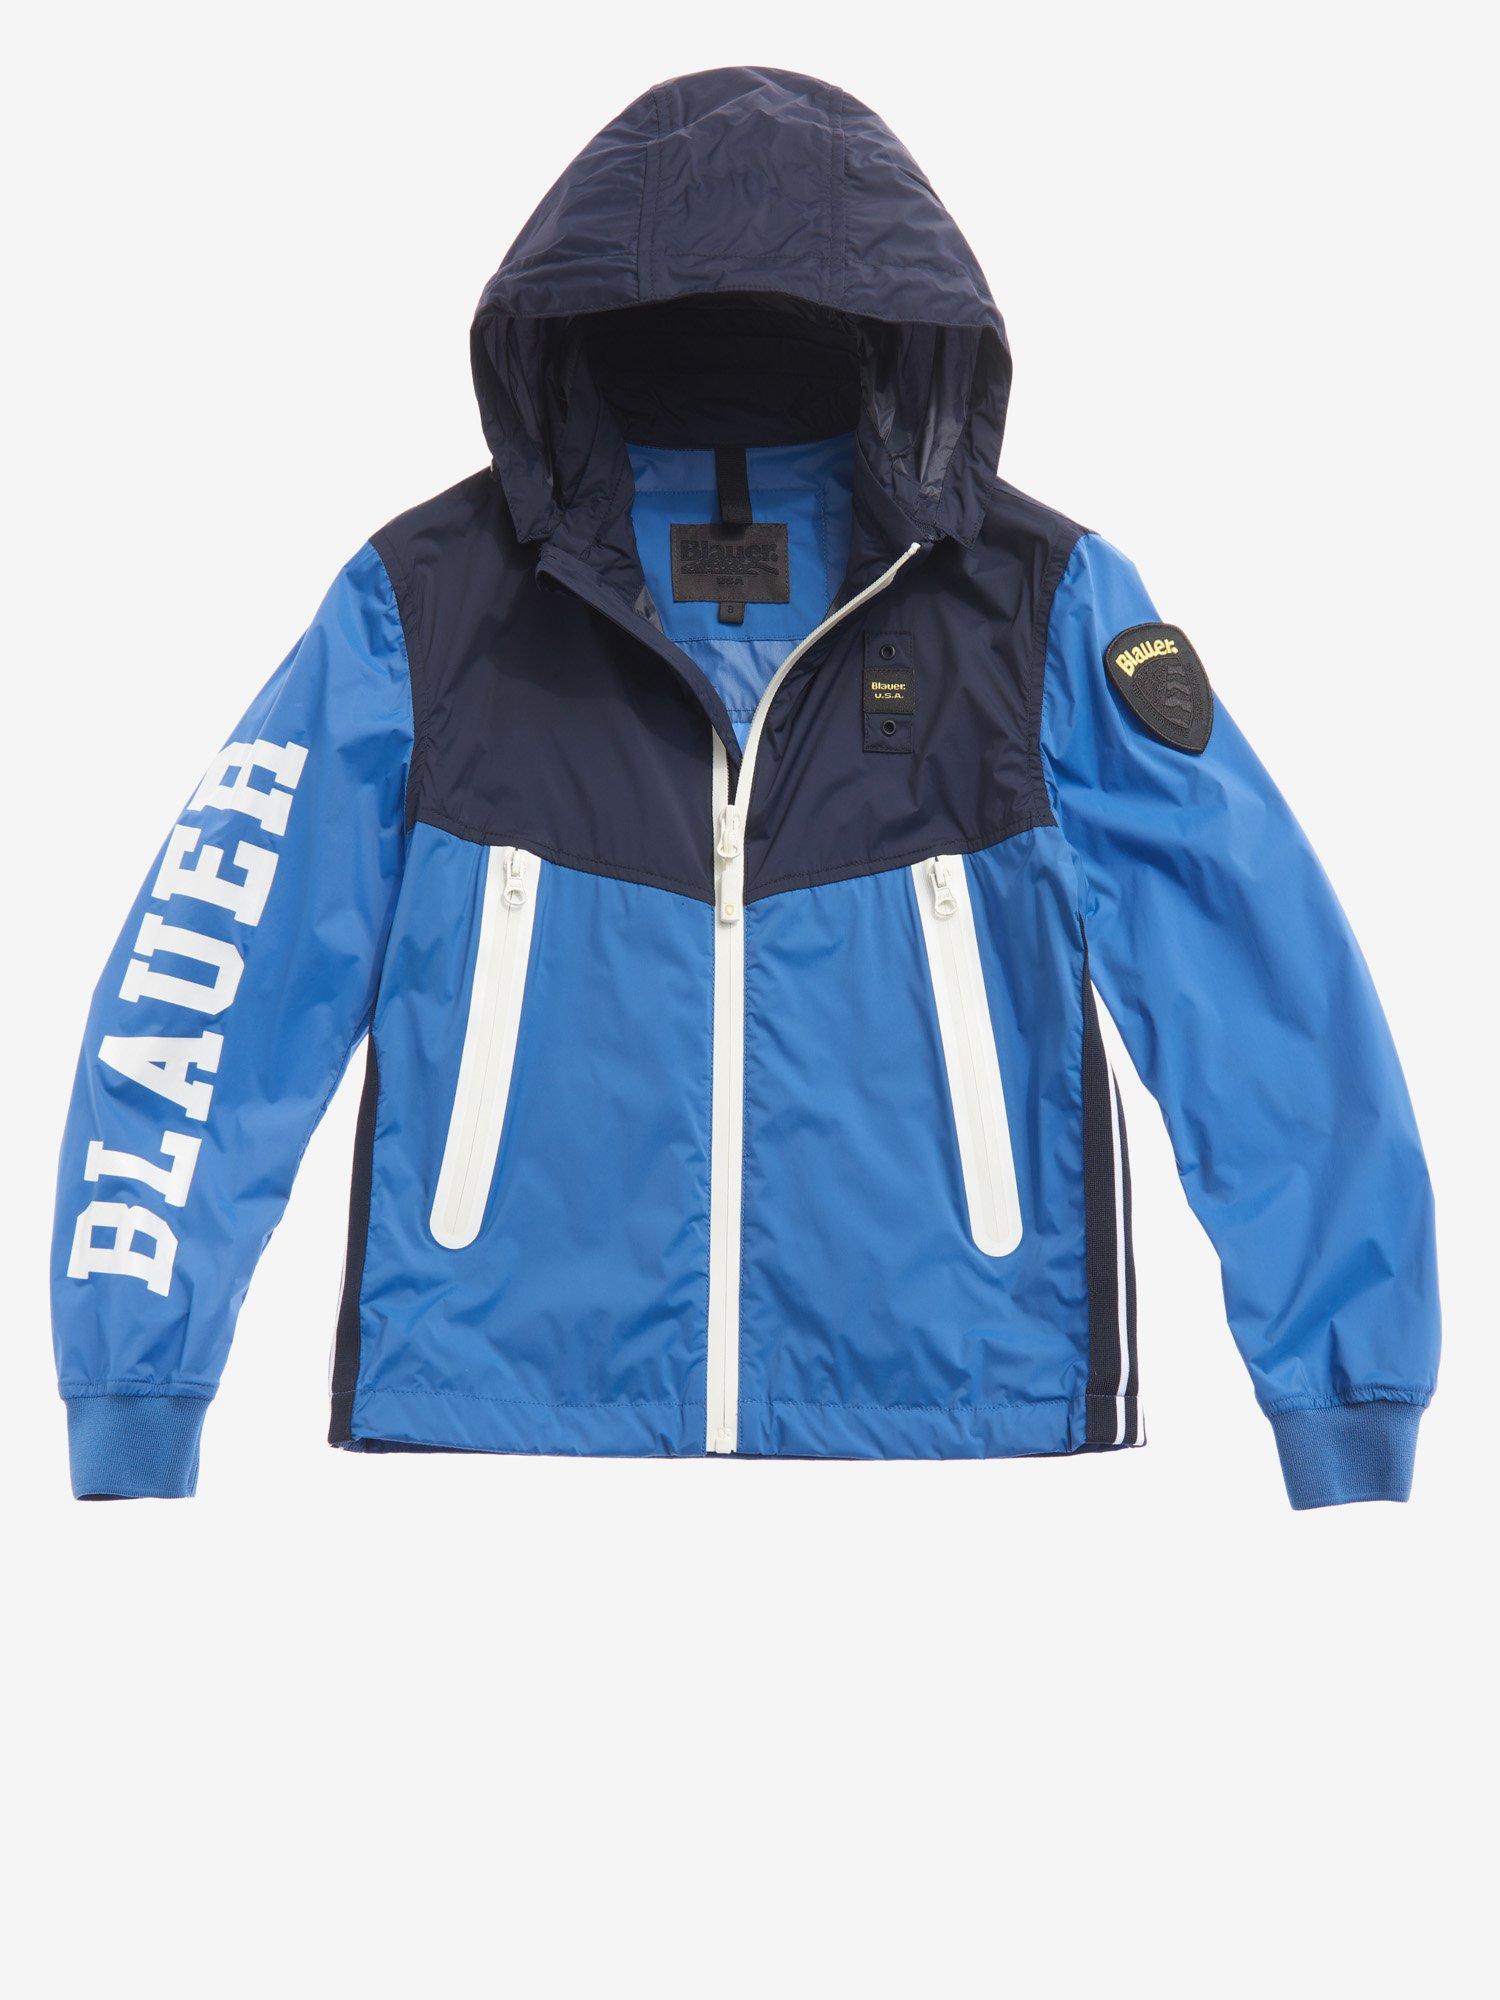 Blauer - GIUBBINO BAMBINO SFODERATO BICOLOR GORDON - Blu Zaffiro Chiaro - Blauer